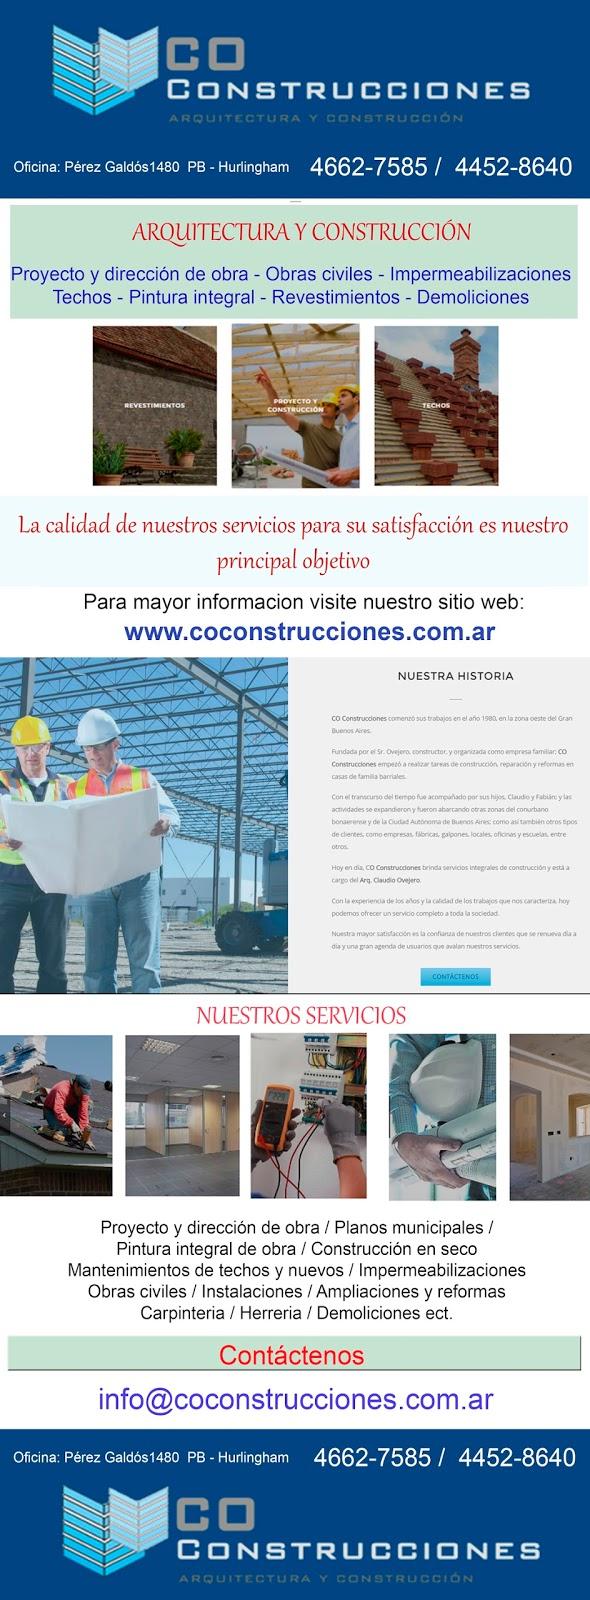 EMPRESA CONSTRUCTORA ALBAÑILERIA EN GENERAL COCONSTRUCCIONES EN HURLINGHAM TECHOS PLANOS MUNICIPALES CONSTRUCCIONES EN SECO LLAVE EN MANO